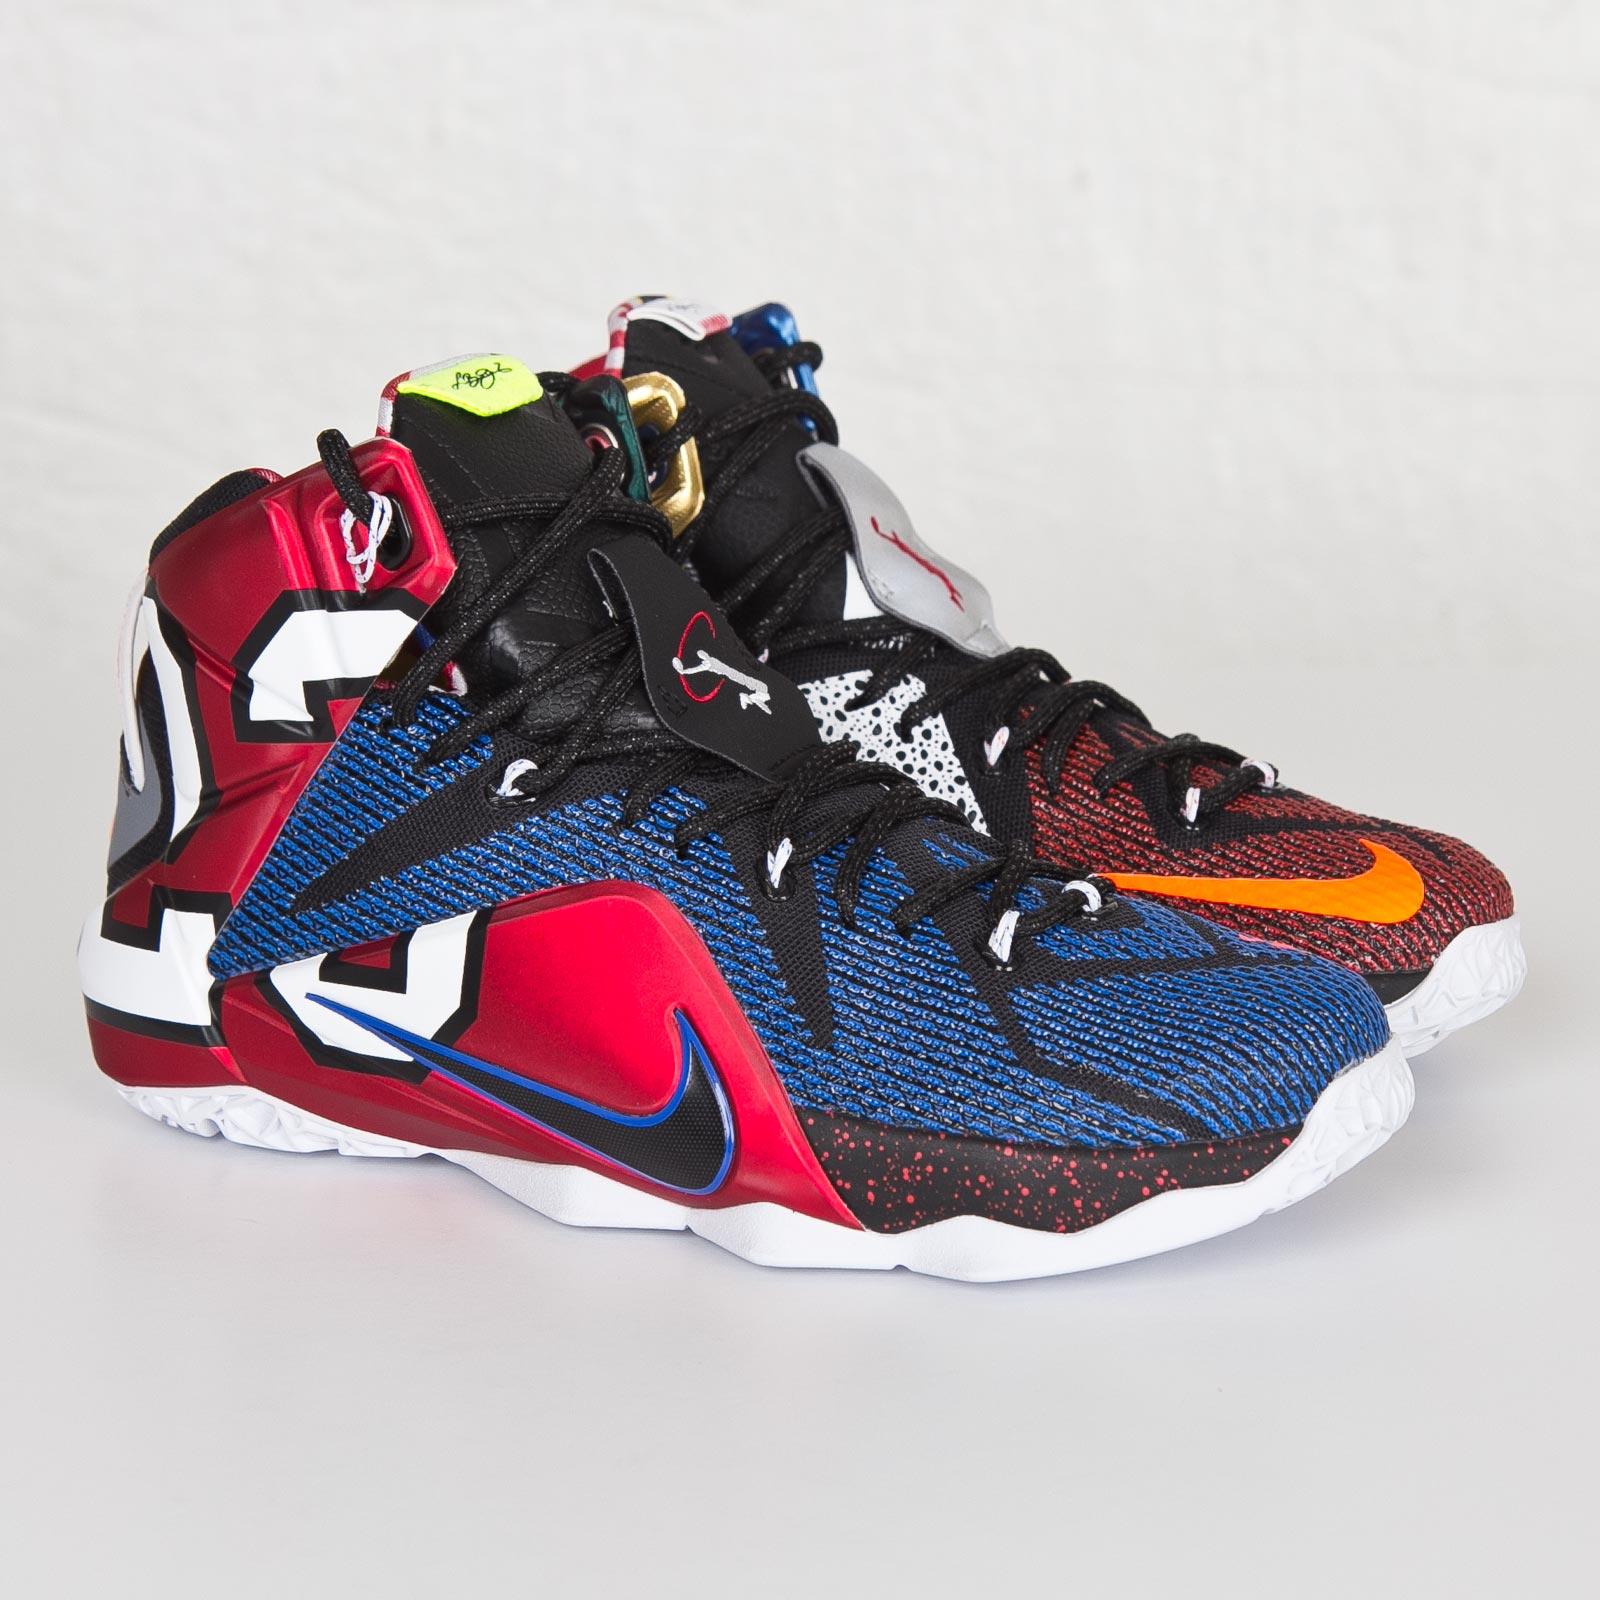 61d81d47279 Nike Lebron XII SE - 802193-909 - Sneakersnstuff